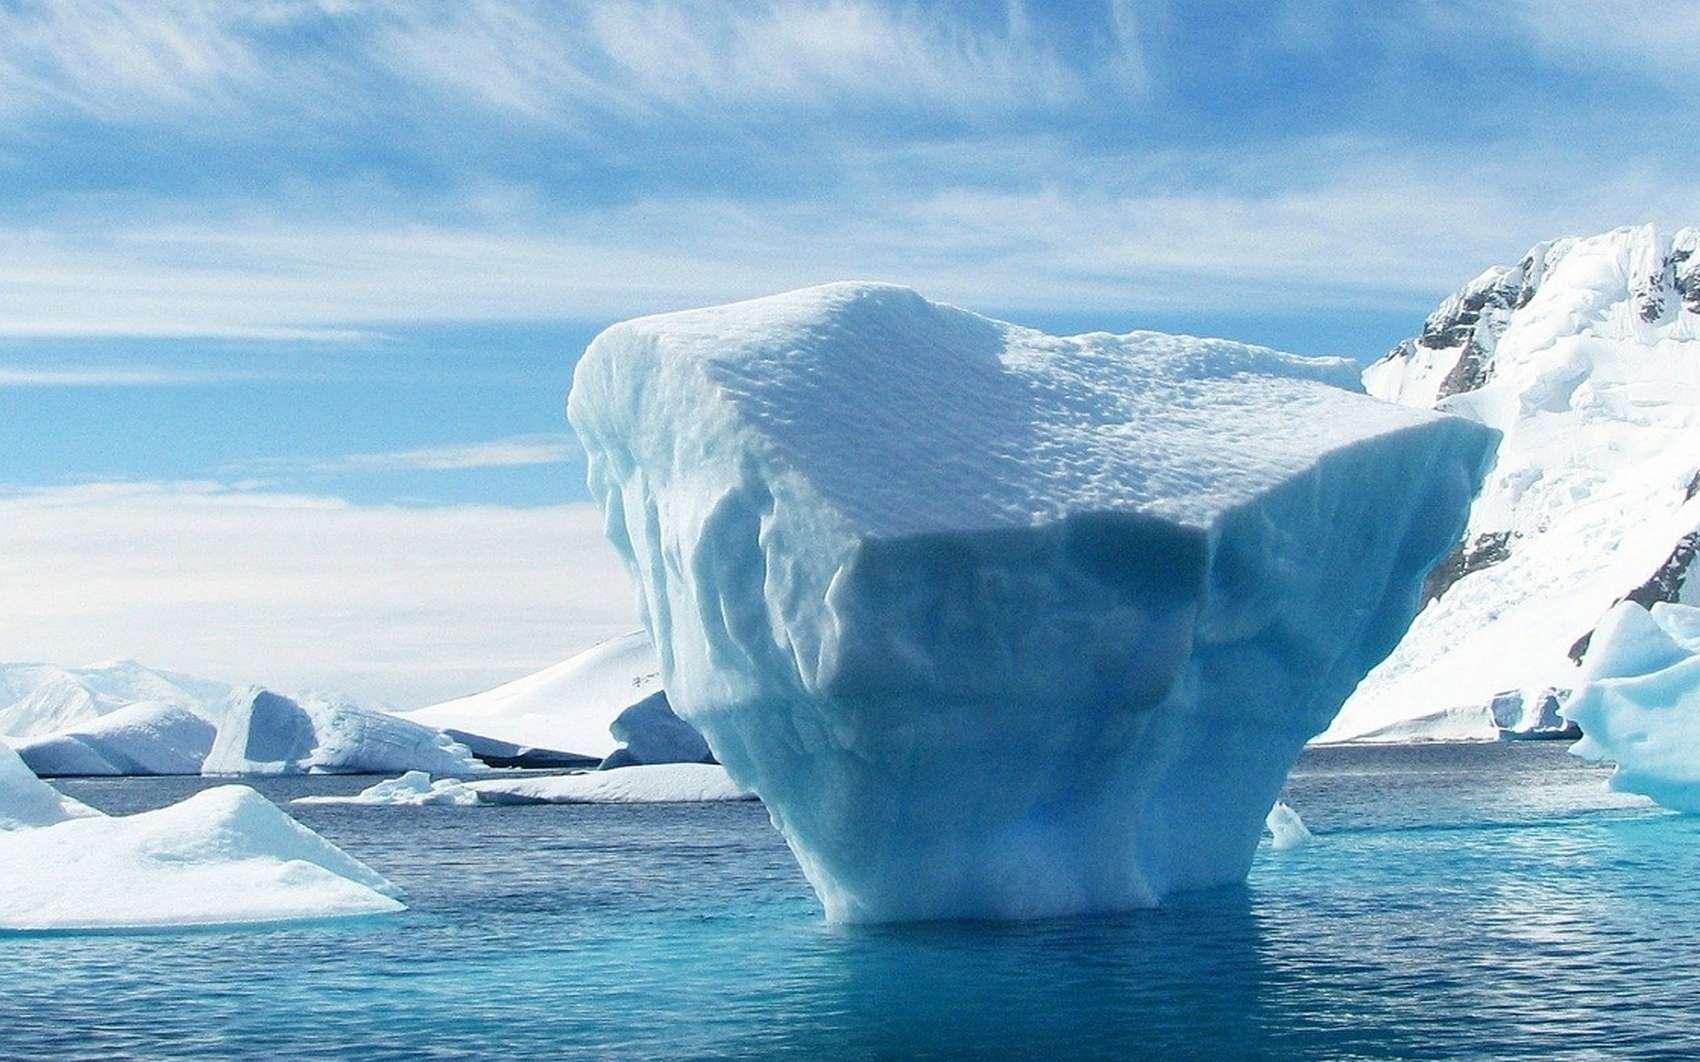 L'Antarctique détient le record de la température la plus froide jamais enregistrée : -90 degrés Celsius. © MemoryCatcher, Pixabay